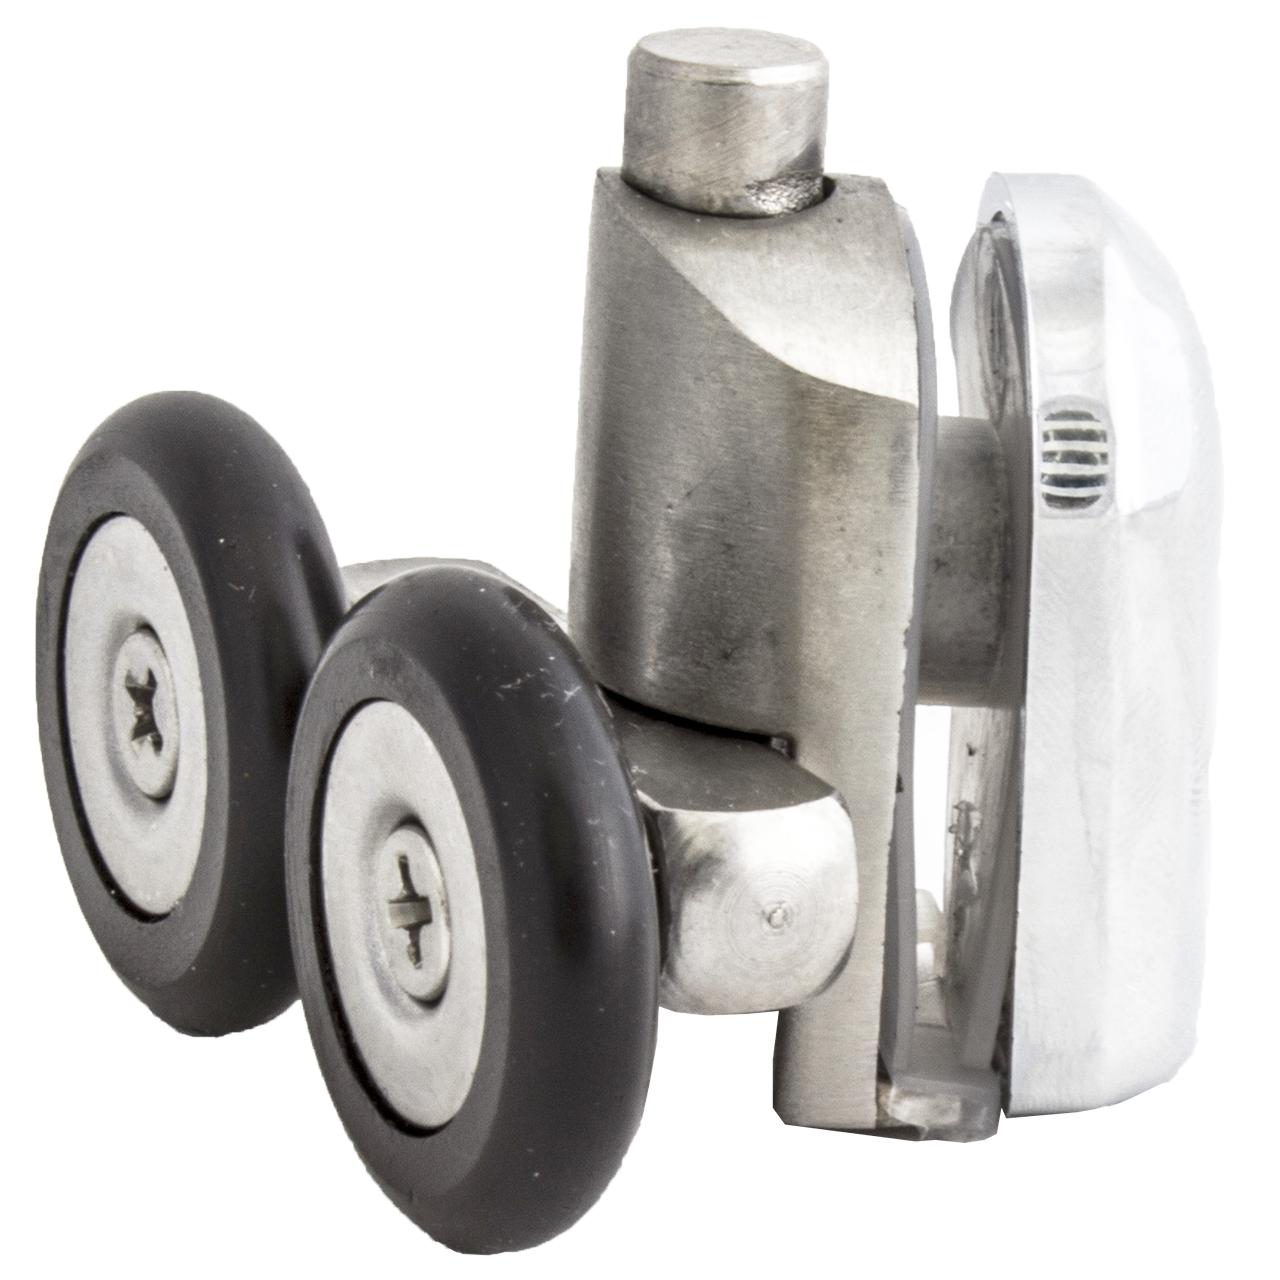 Ролик душової кабіни подвійний, нижній, натискної, металевий, нержавійка ( N-43D )